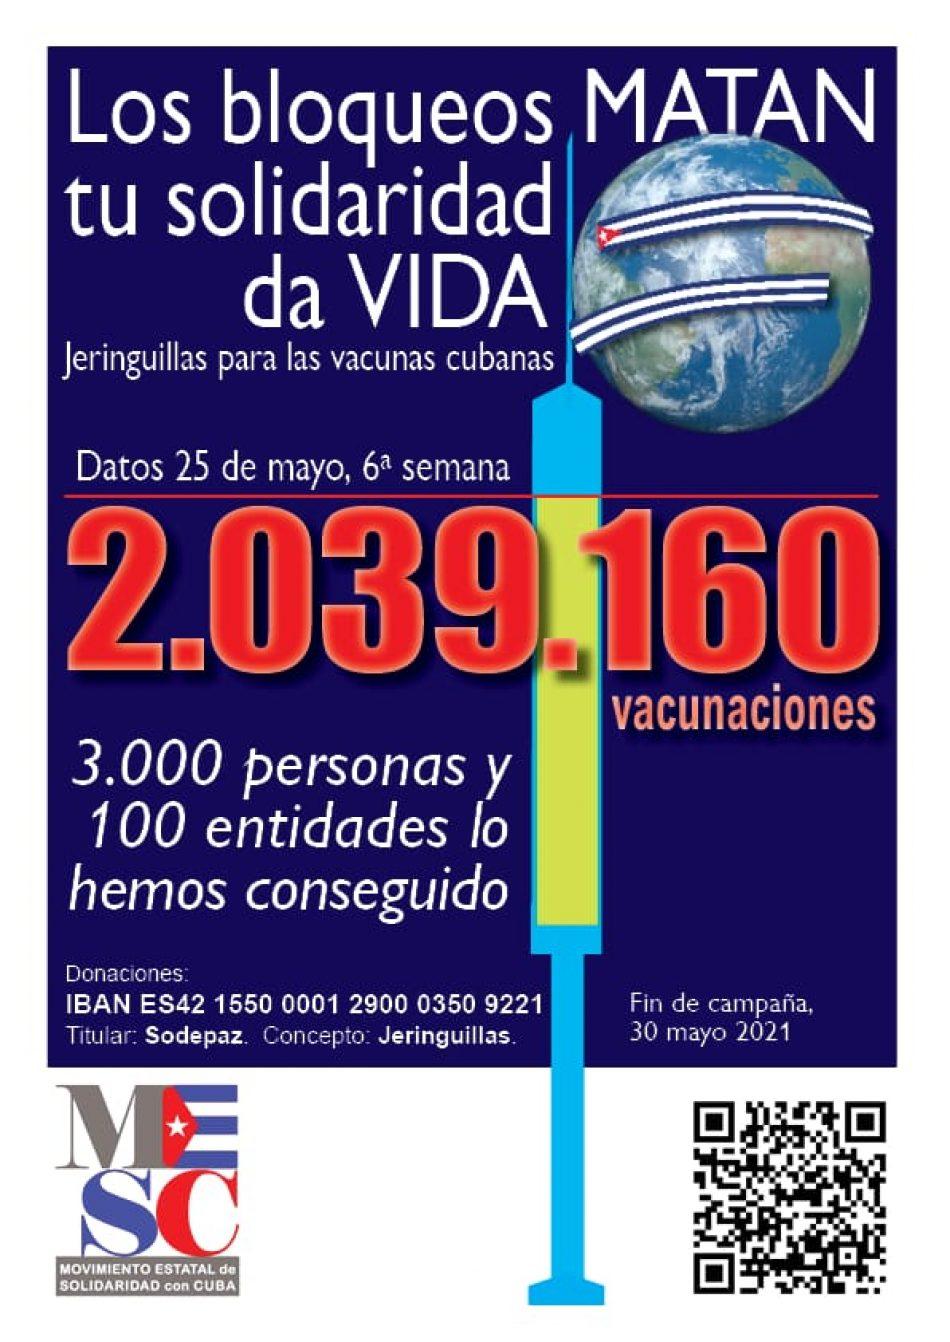 Dos millones de jeringuillas para Cuba: la solidaridad en el Estado español consigue duplicar su objetivo inicial